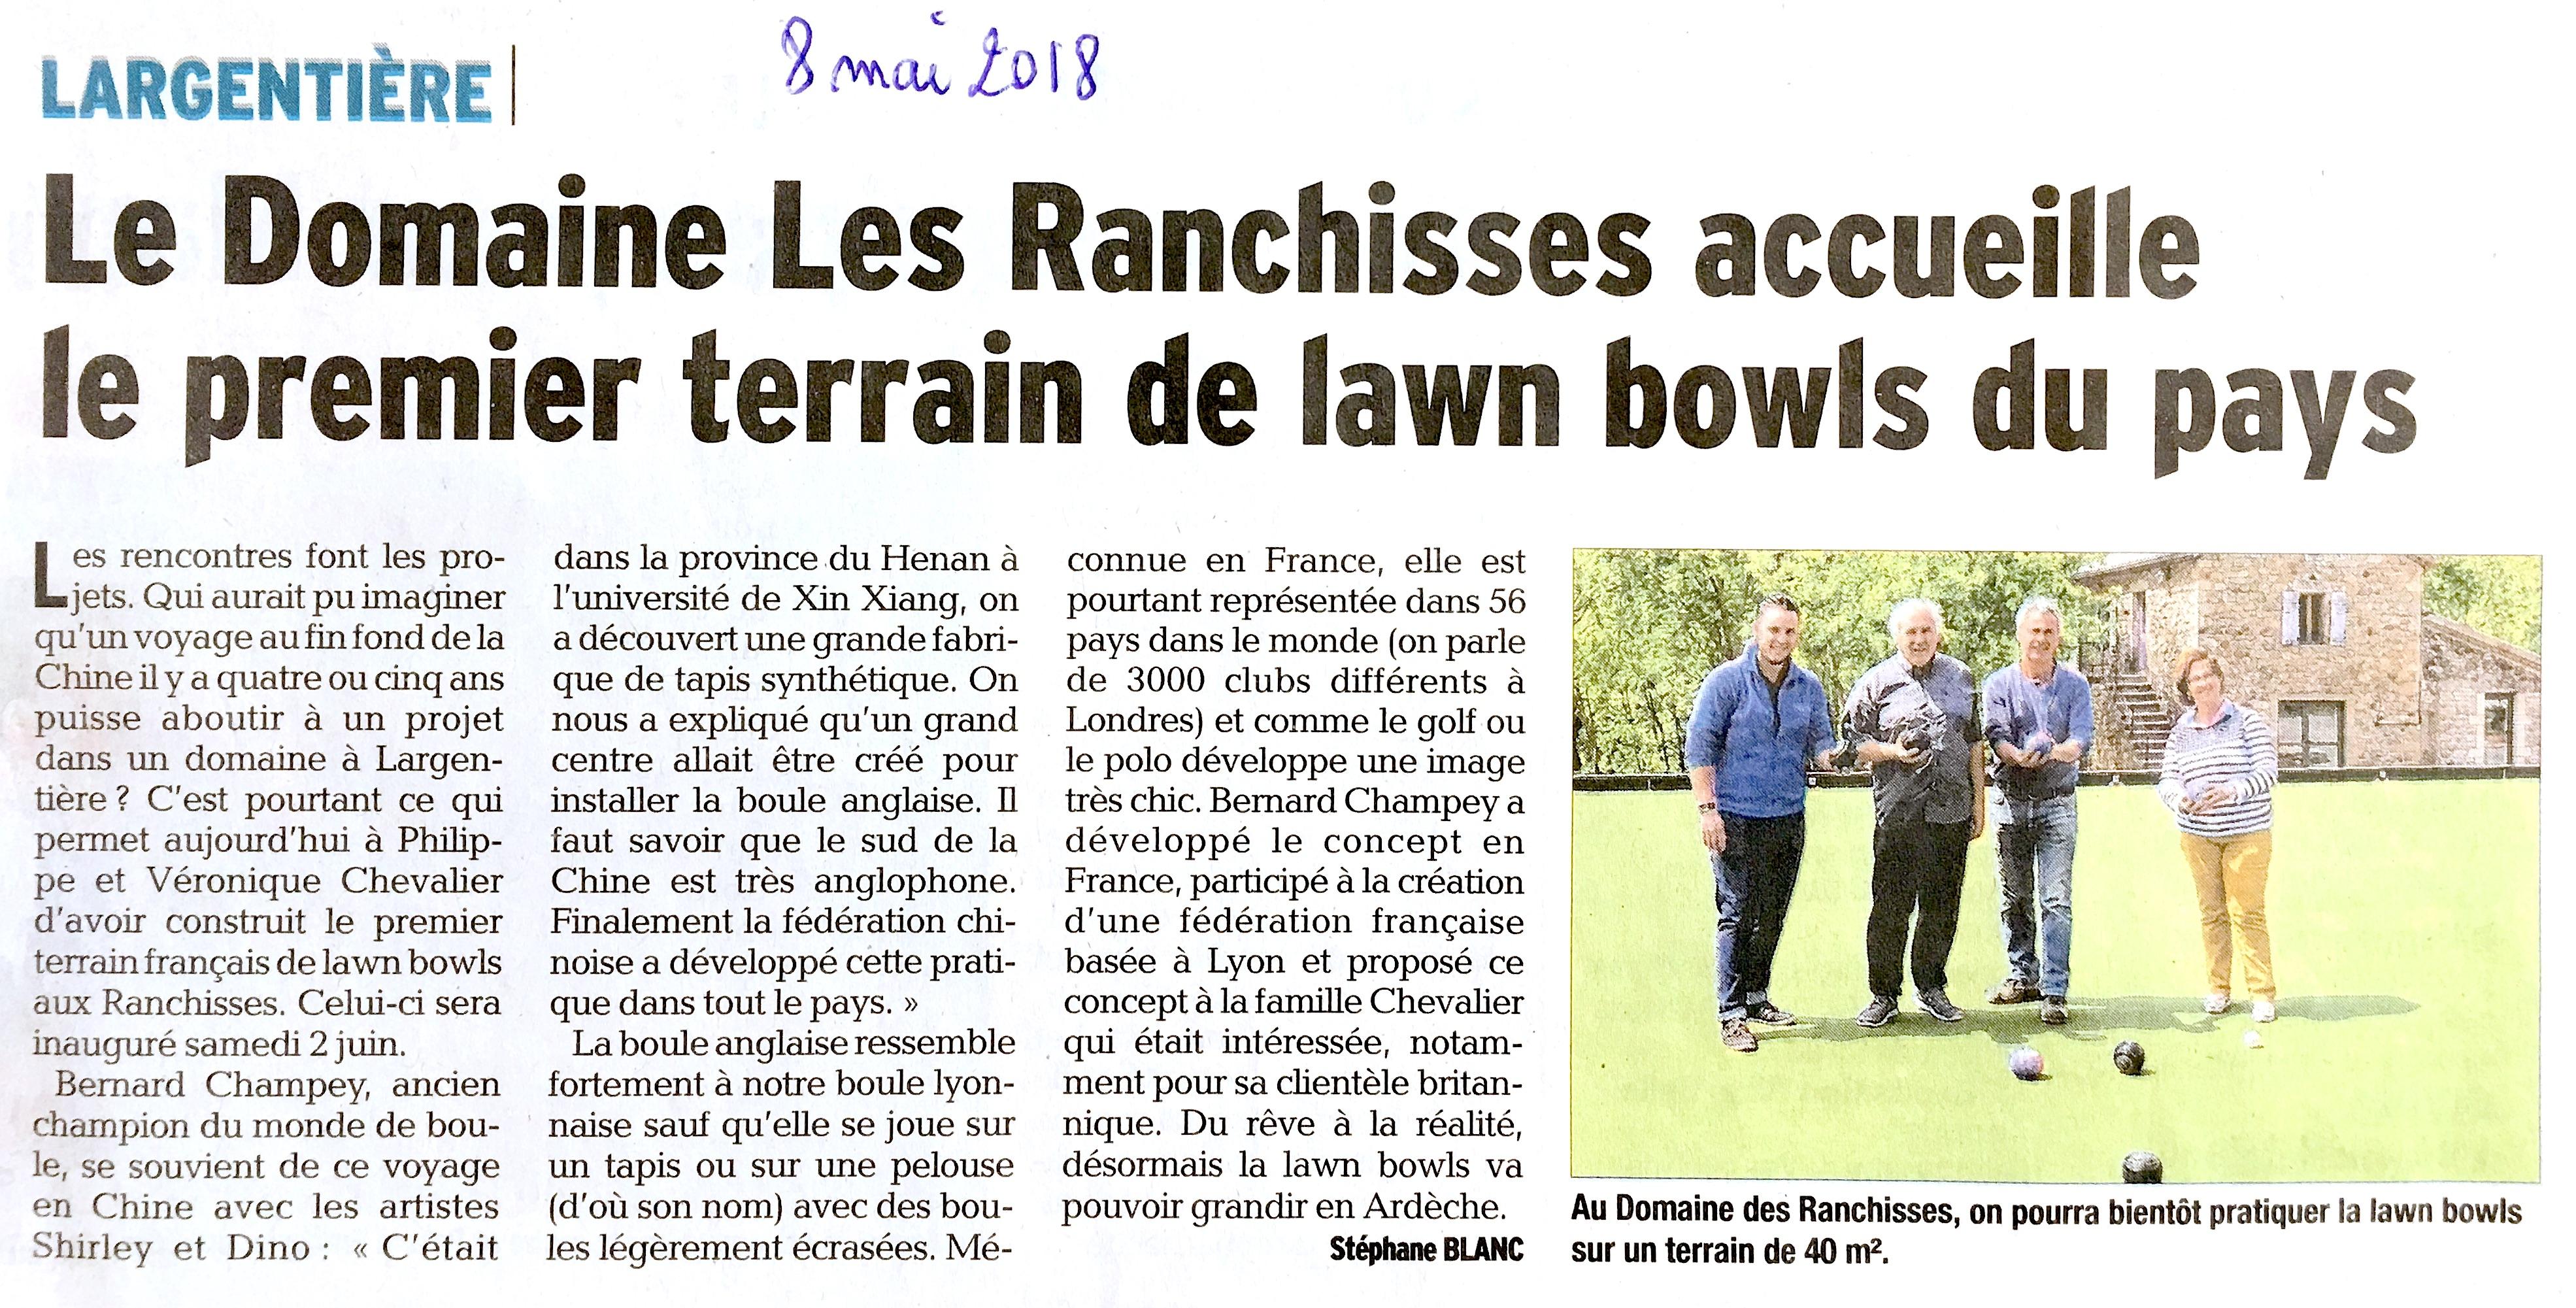 Le Domaine des Ranchisses accueil le premier terrain de lawn bowls du pays